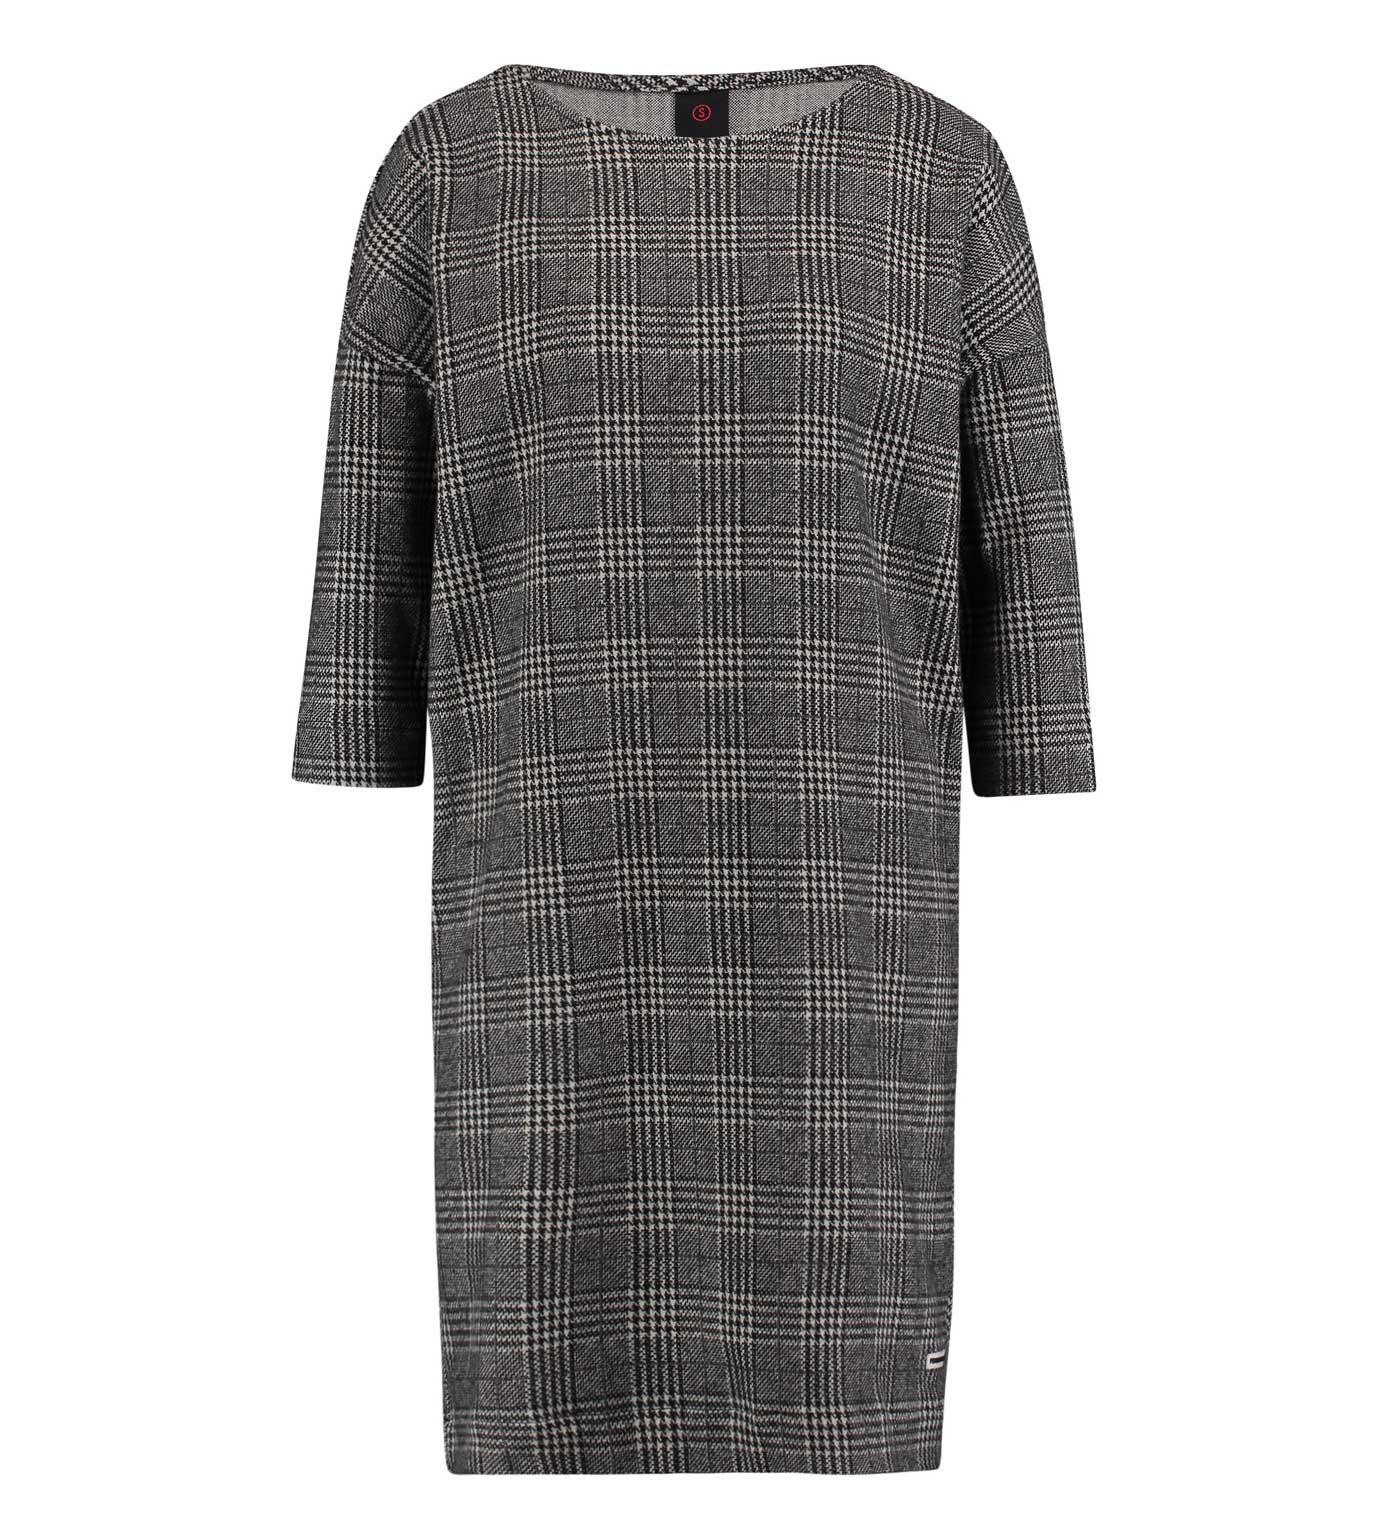 Zwart wit geruiten dames jurk Penn & Ink - W18F382